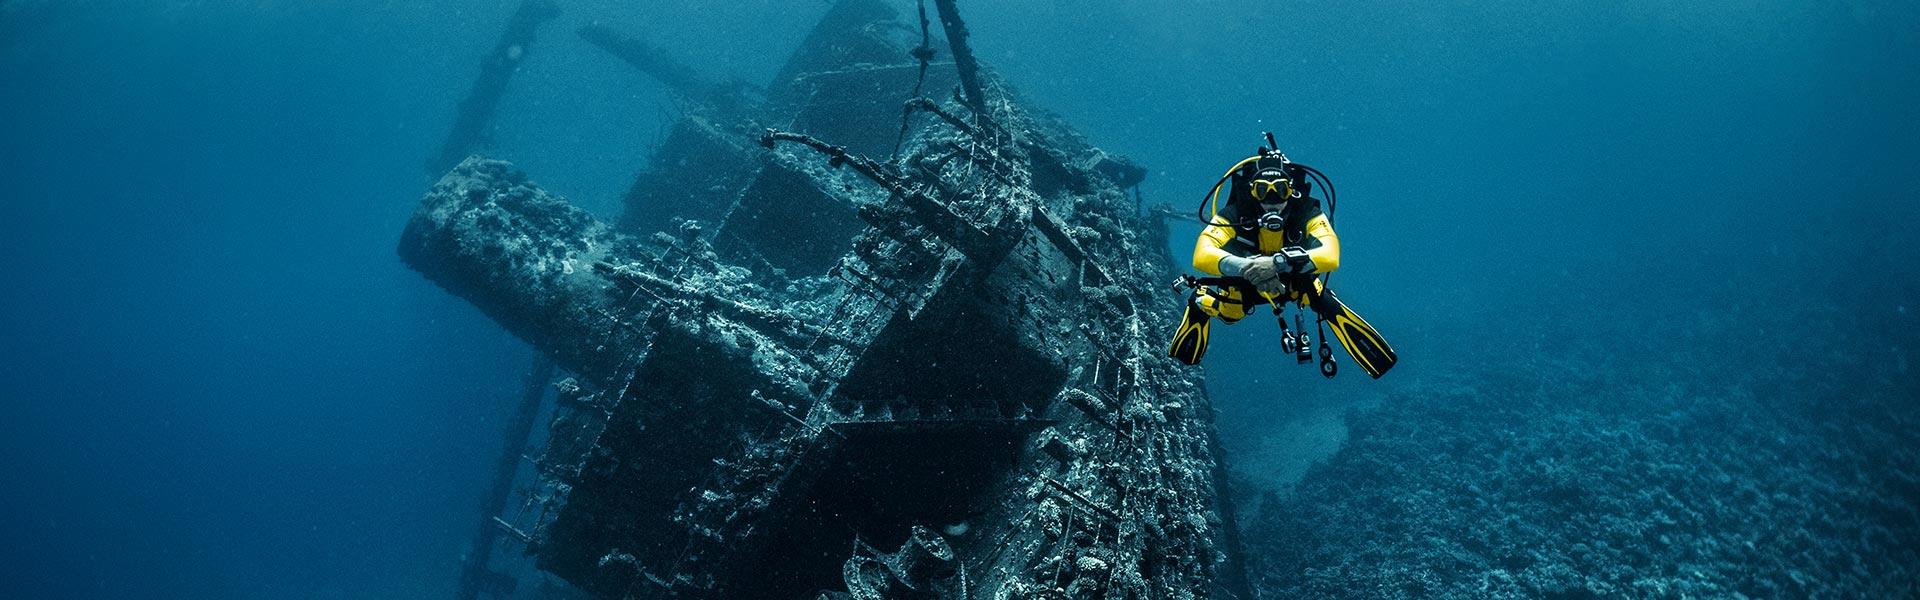 Mares en seacsub duikpakken in den Haag